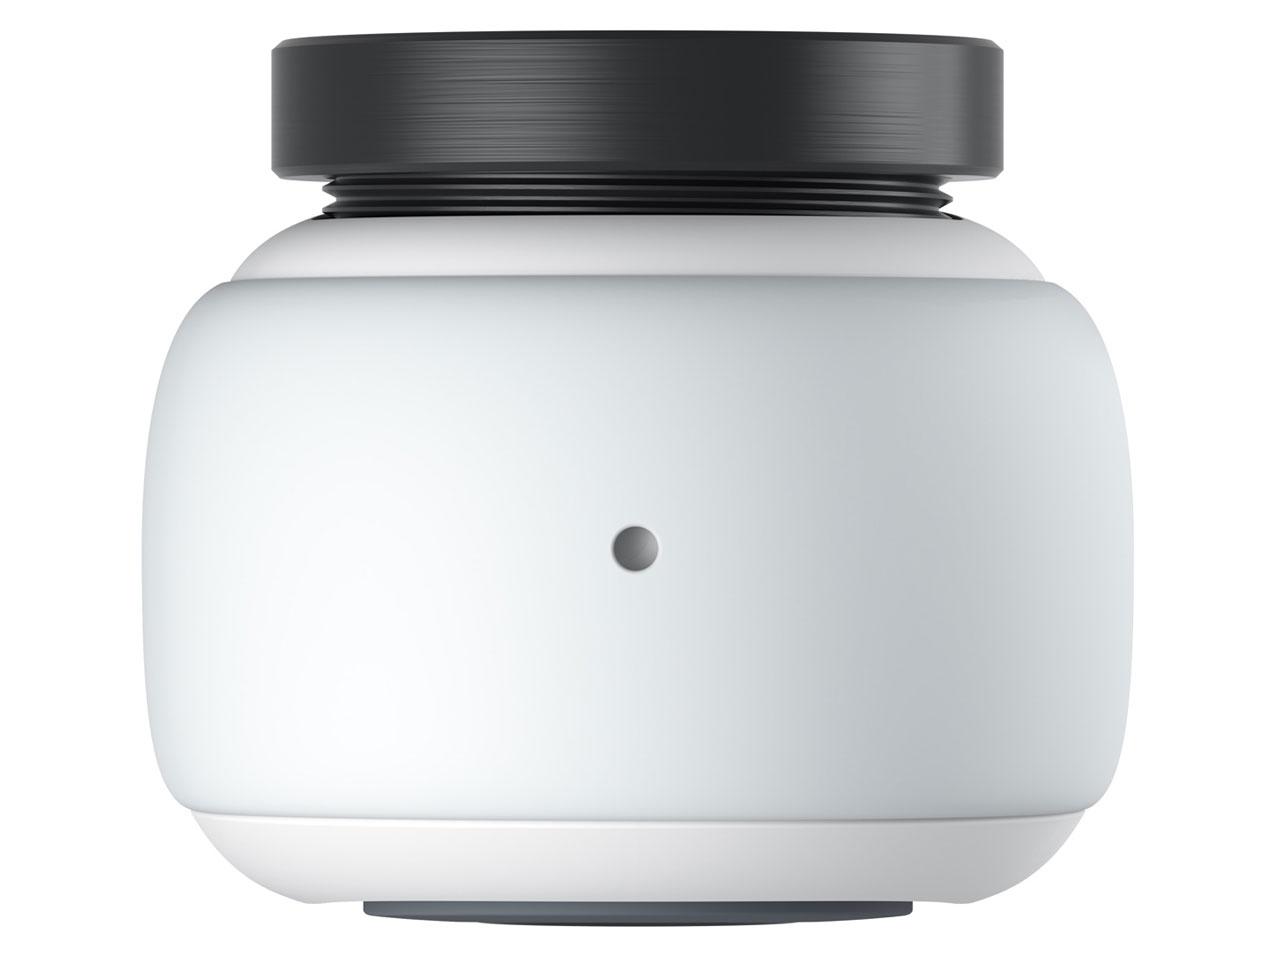 『本体 上面』 Insta360 GO 2 の製品画像